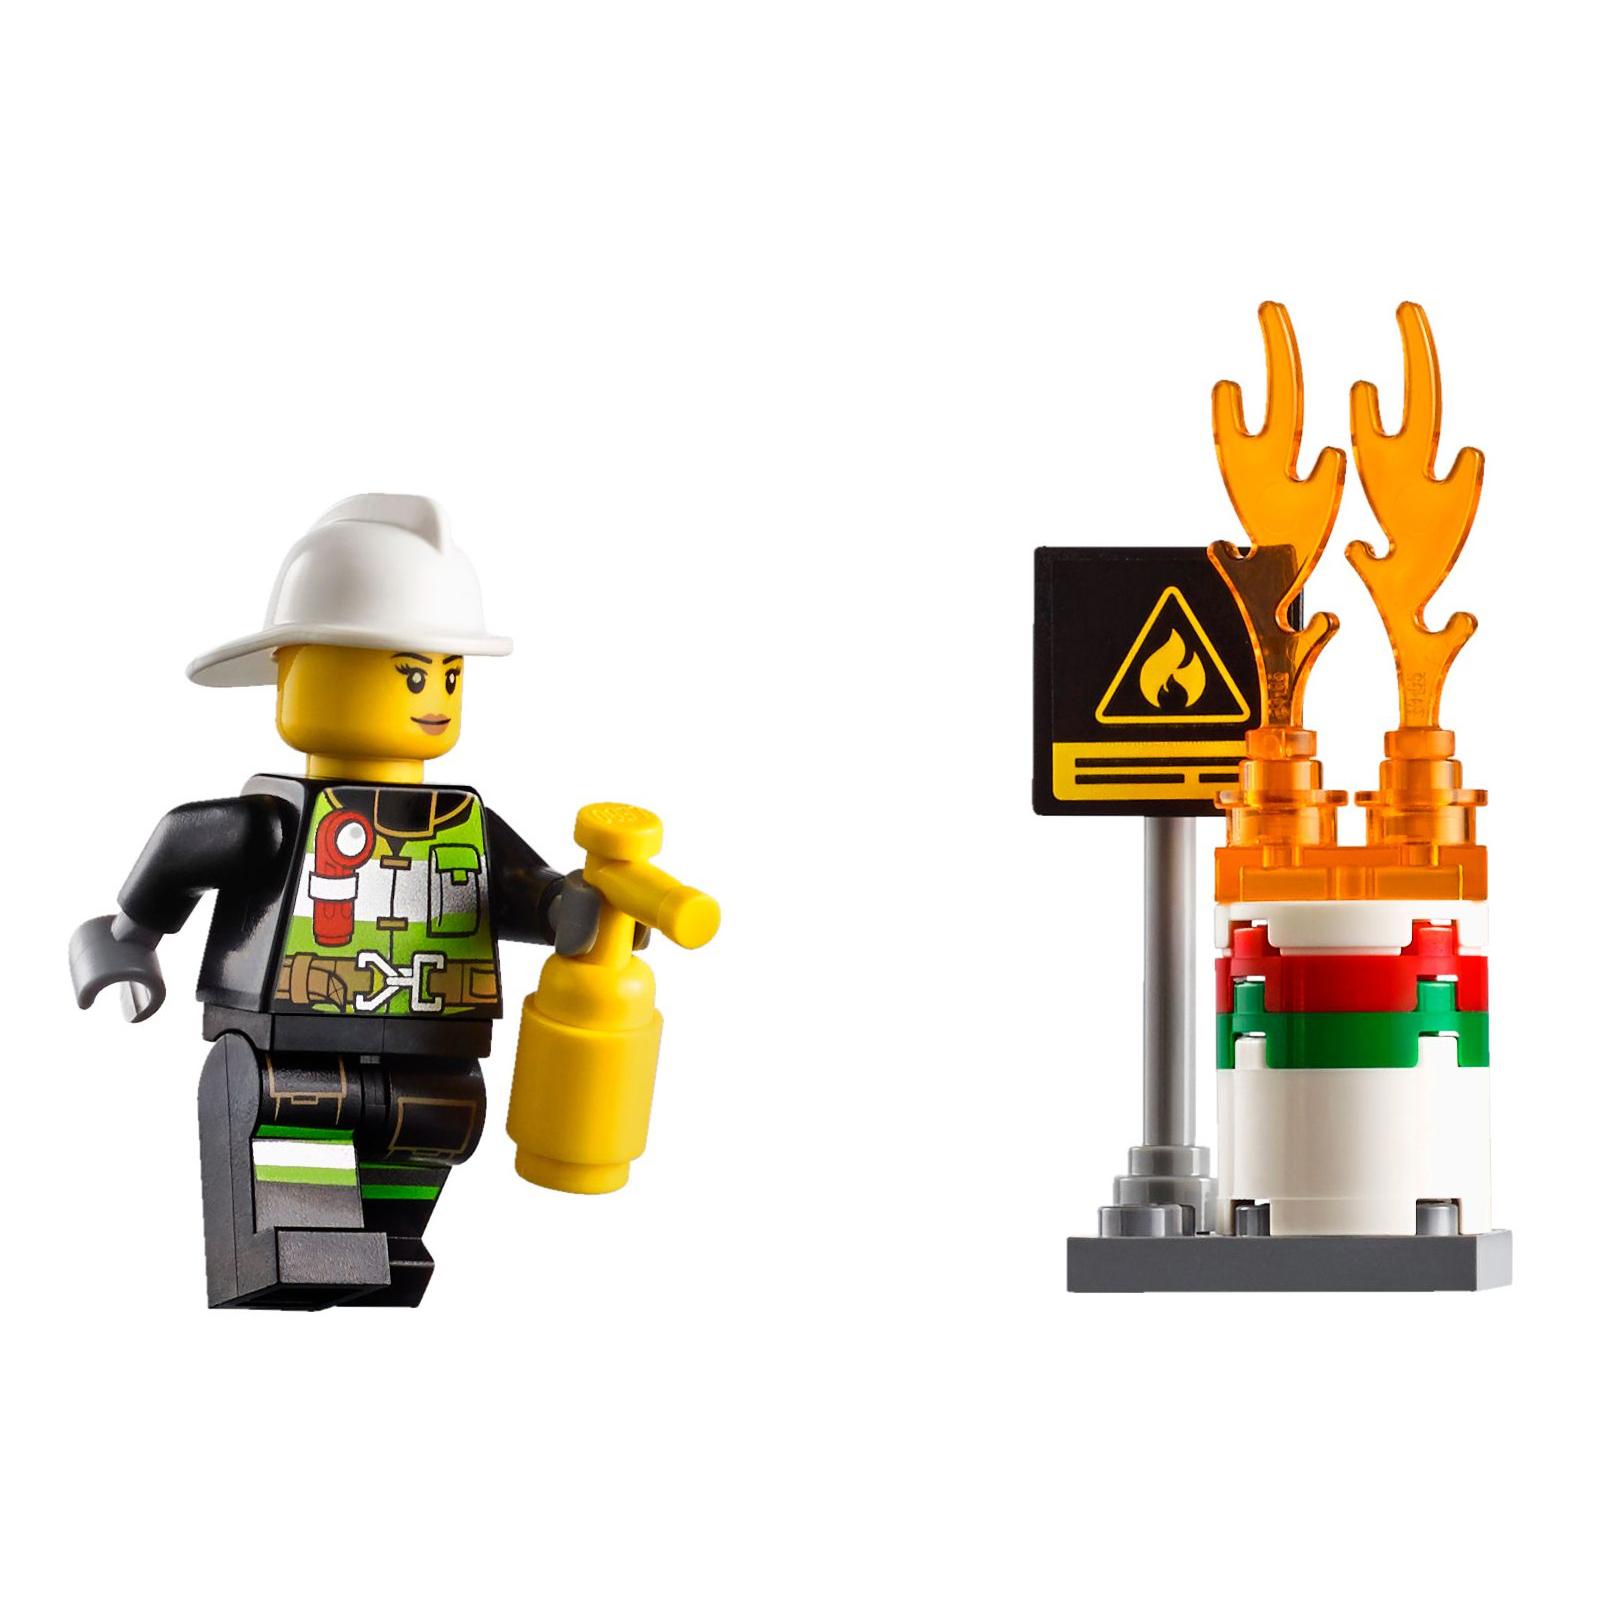 Конструктор LEGO City Fire Пожарный автомобиль с лестницей (60107) изображение 8